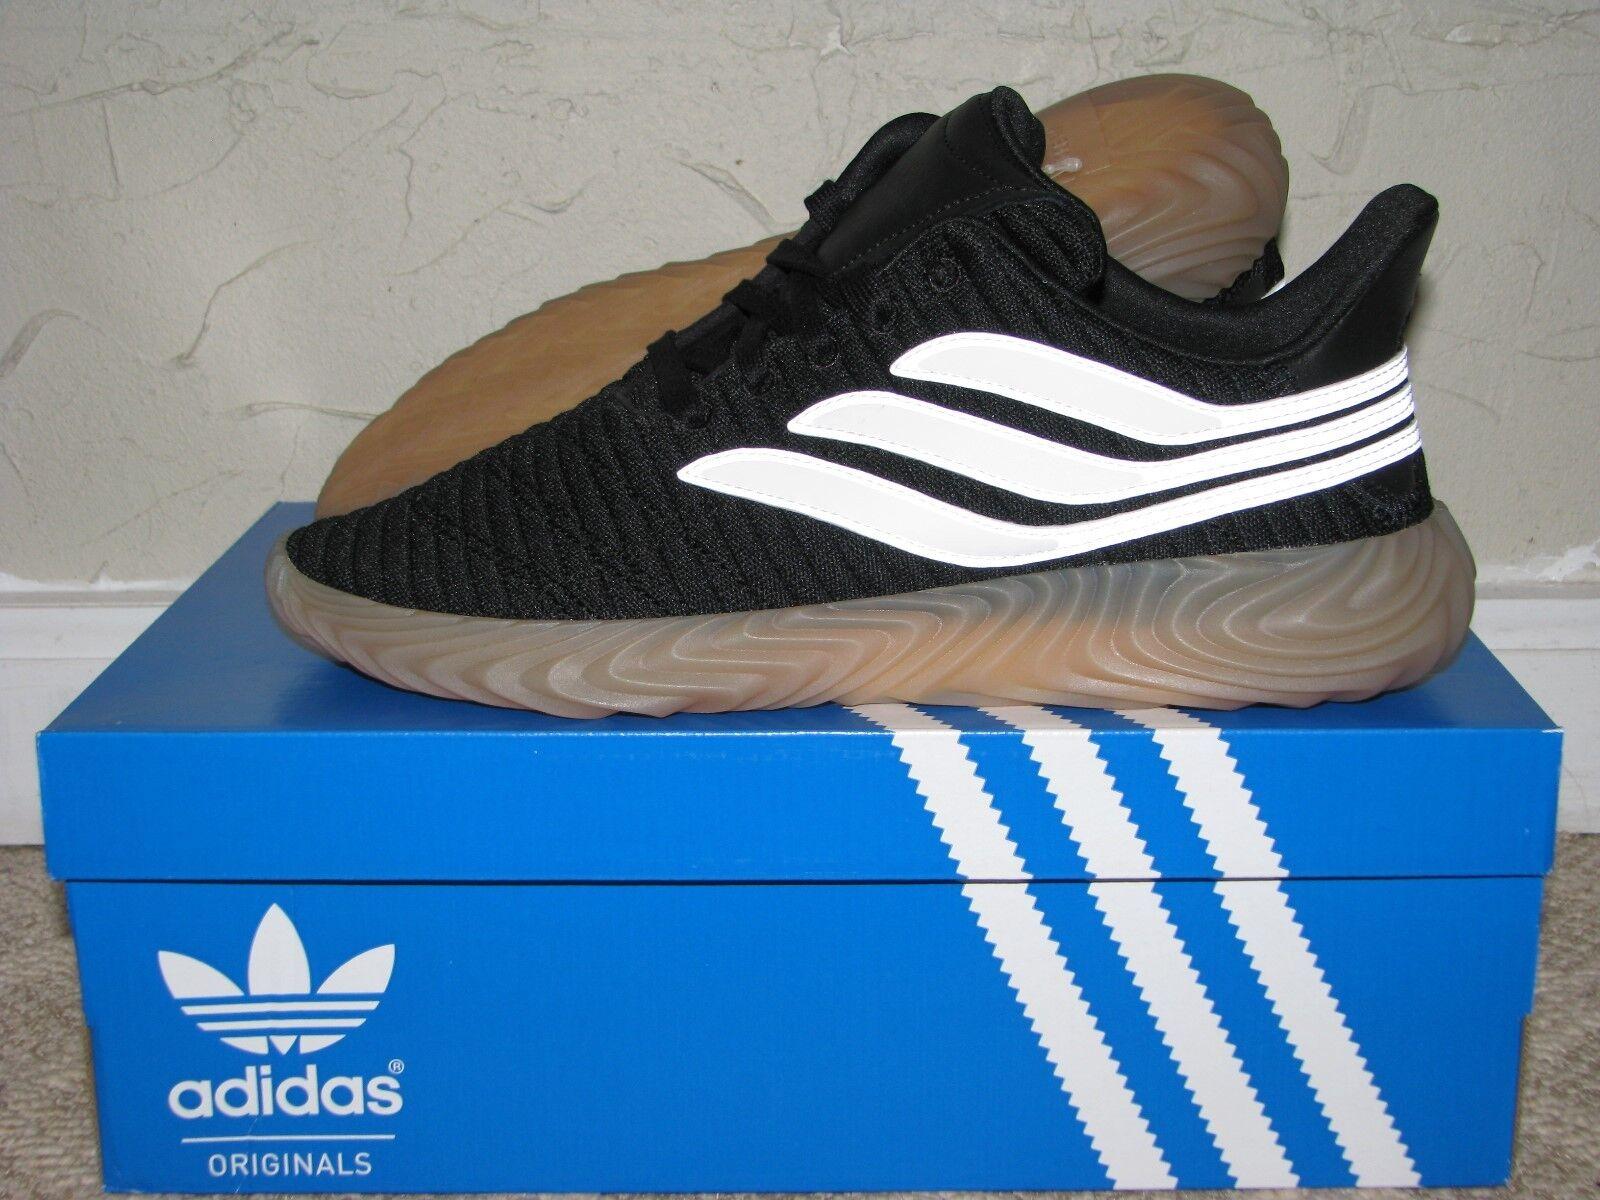 Adidas Originals  Sobakov nero   Bianco   Gum Mens Dimensione 10 DS NUOVO AQ1135 NMD  online al miglior prezzo